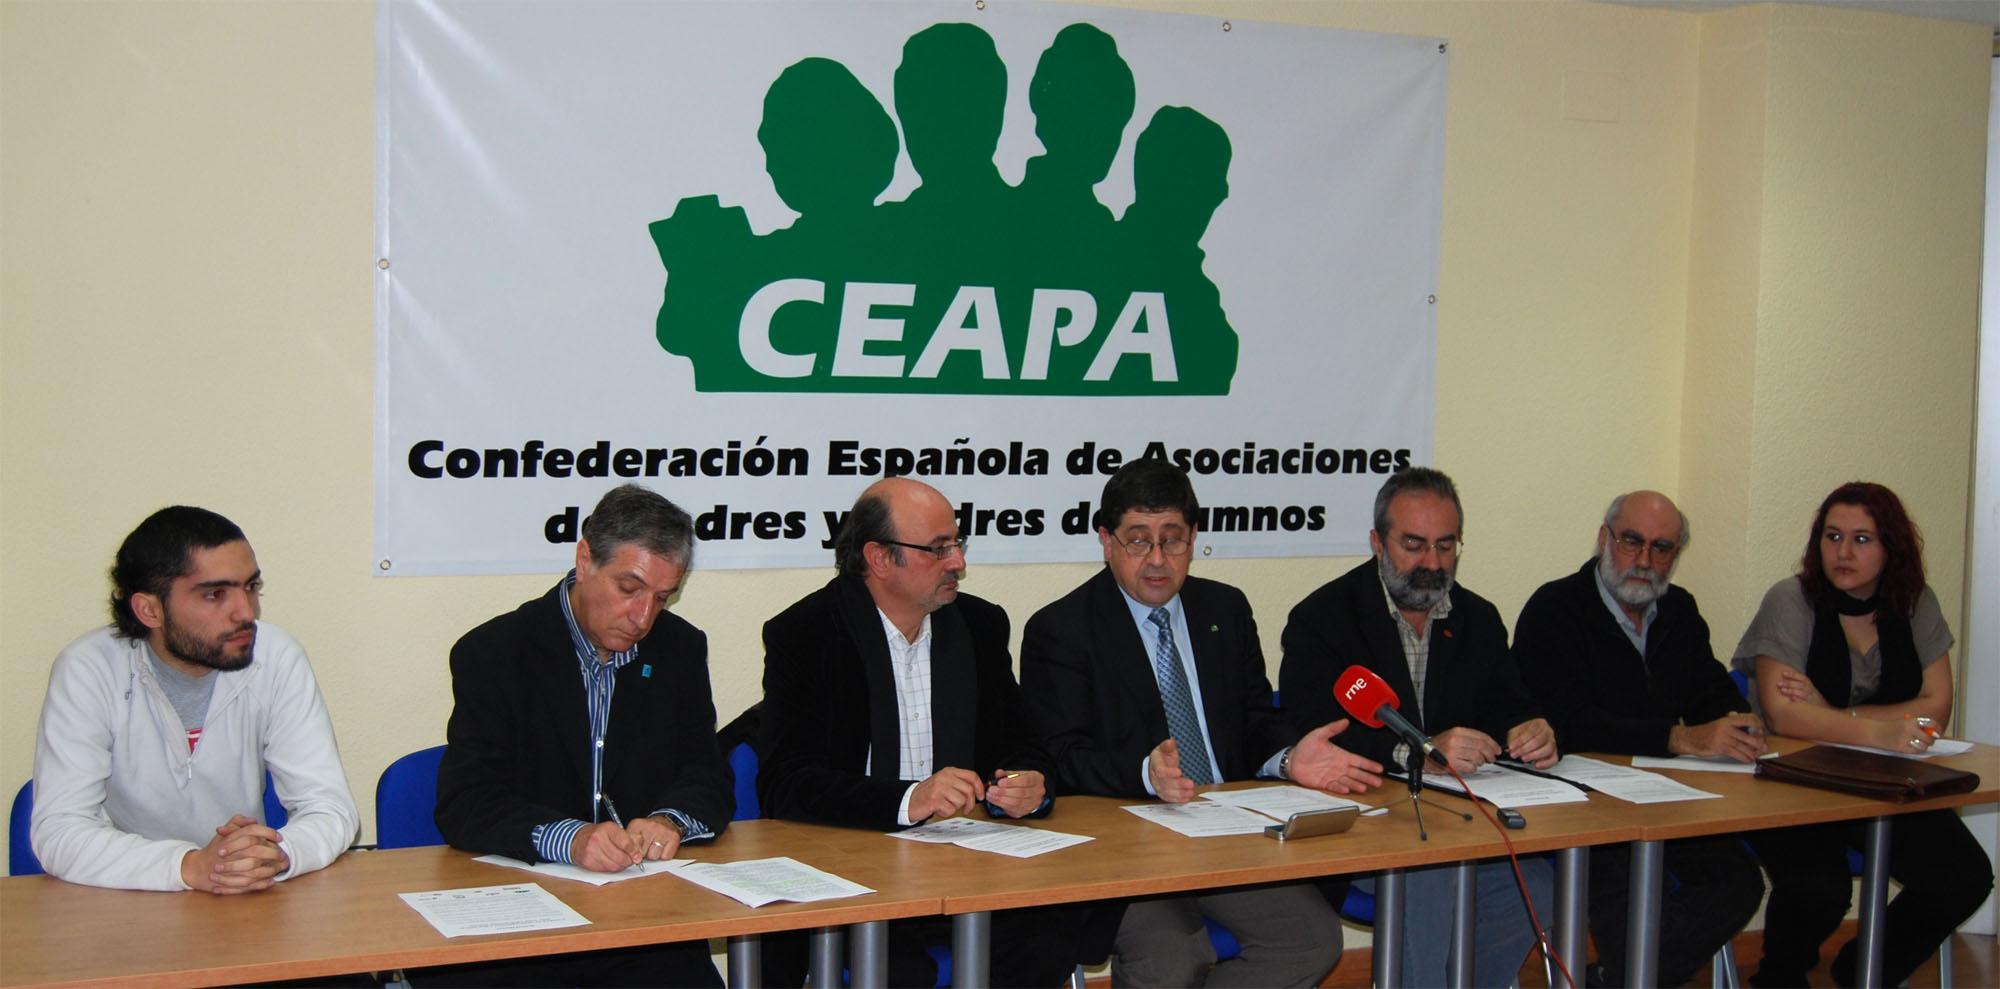 Presentación del Manifiesto Por una Educación Mixta       (Madrid, 10 de febrero de 2008)